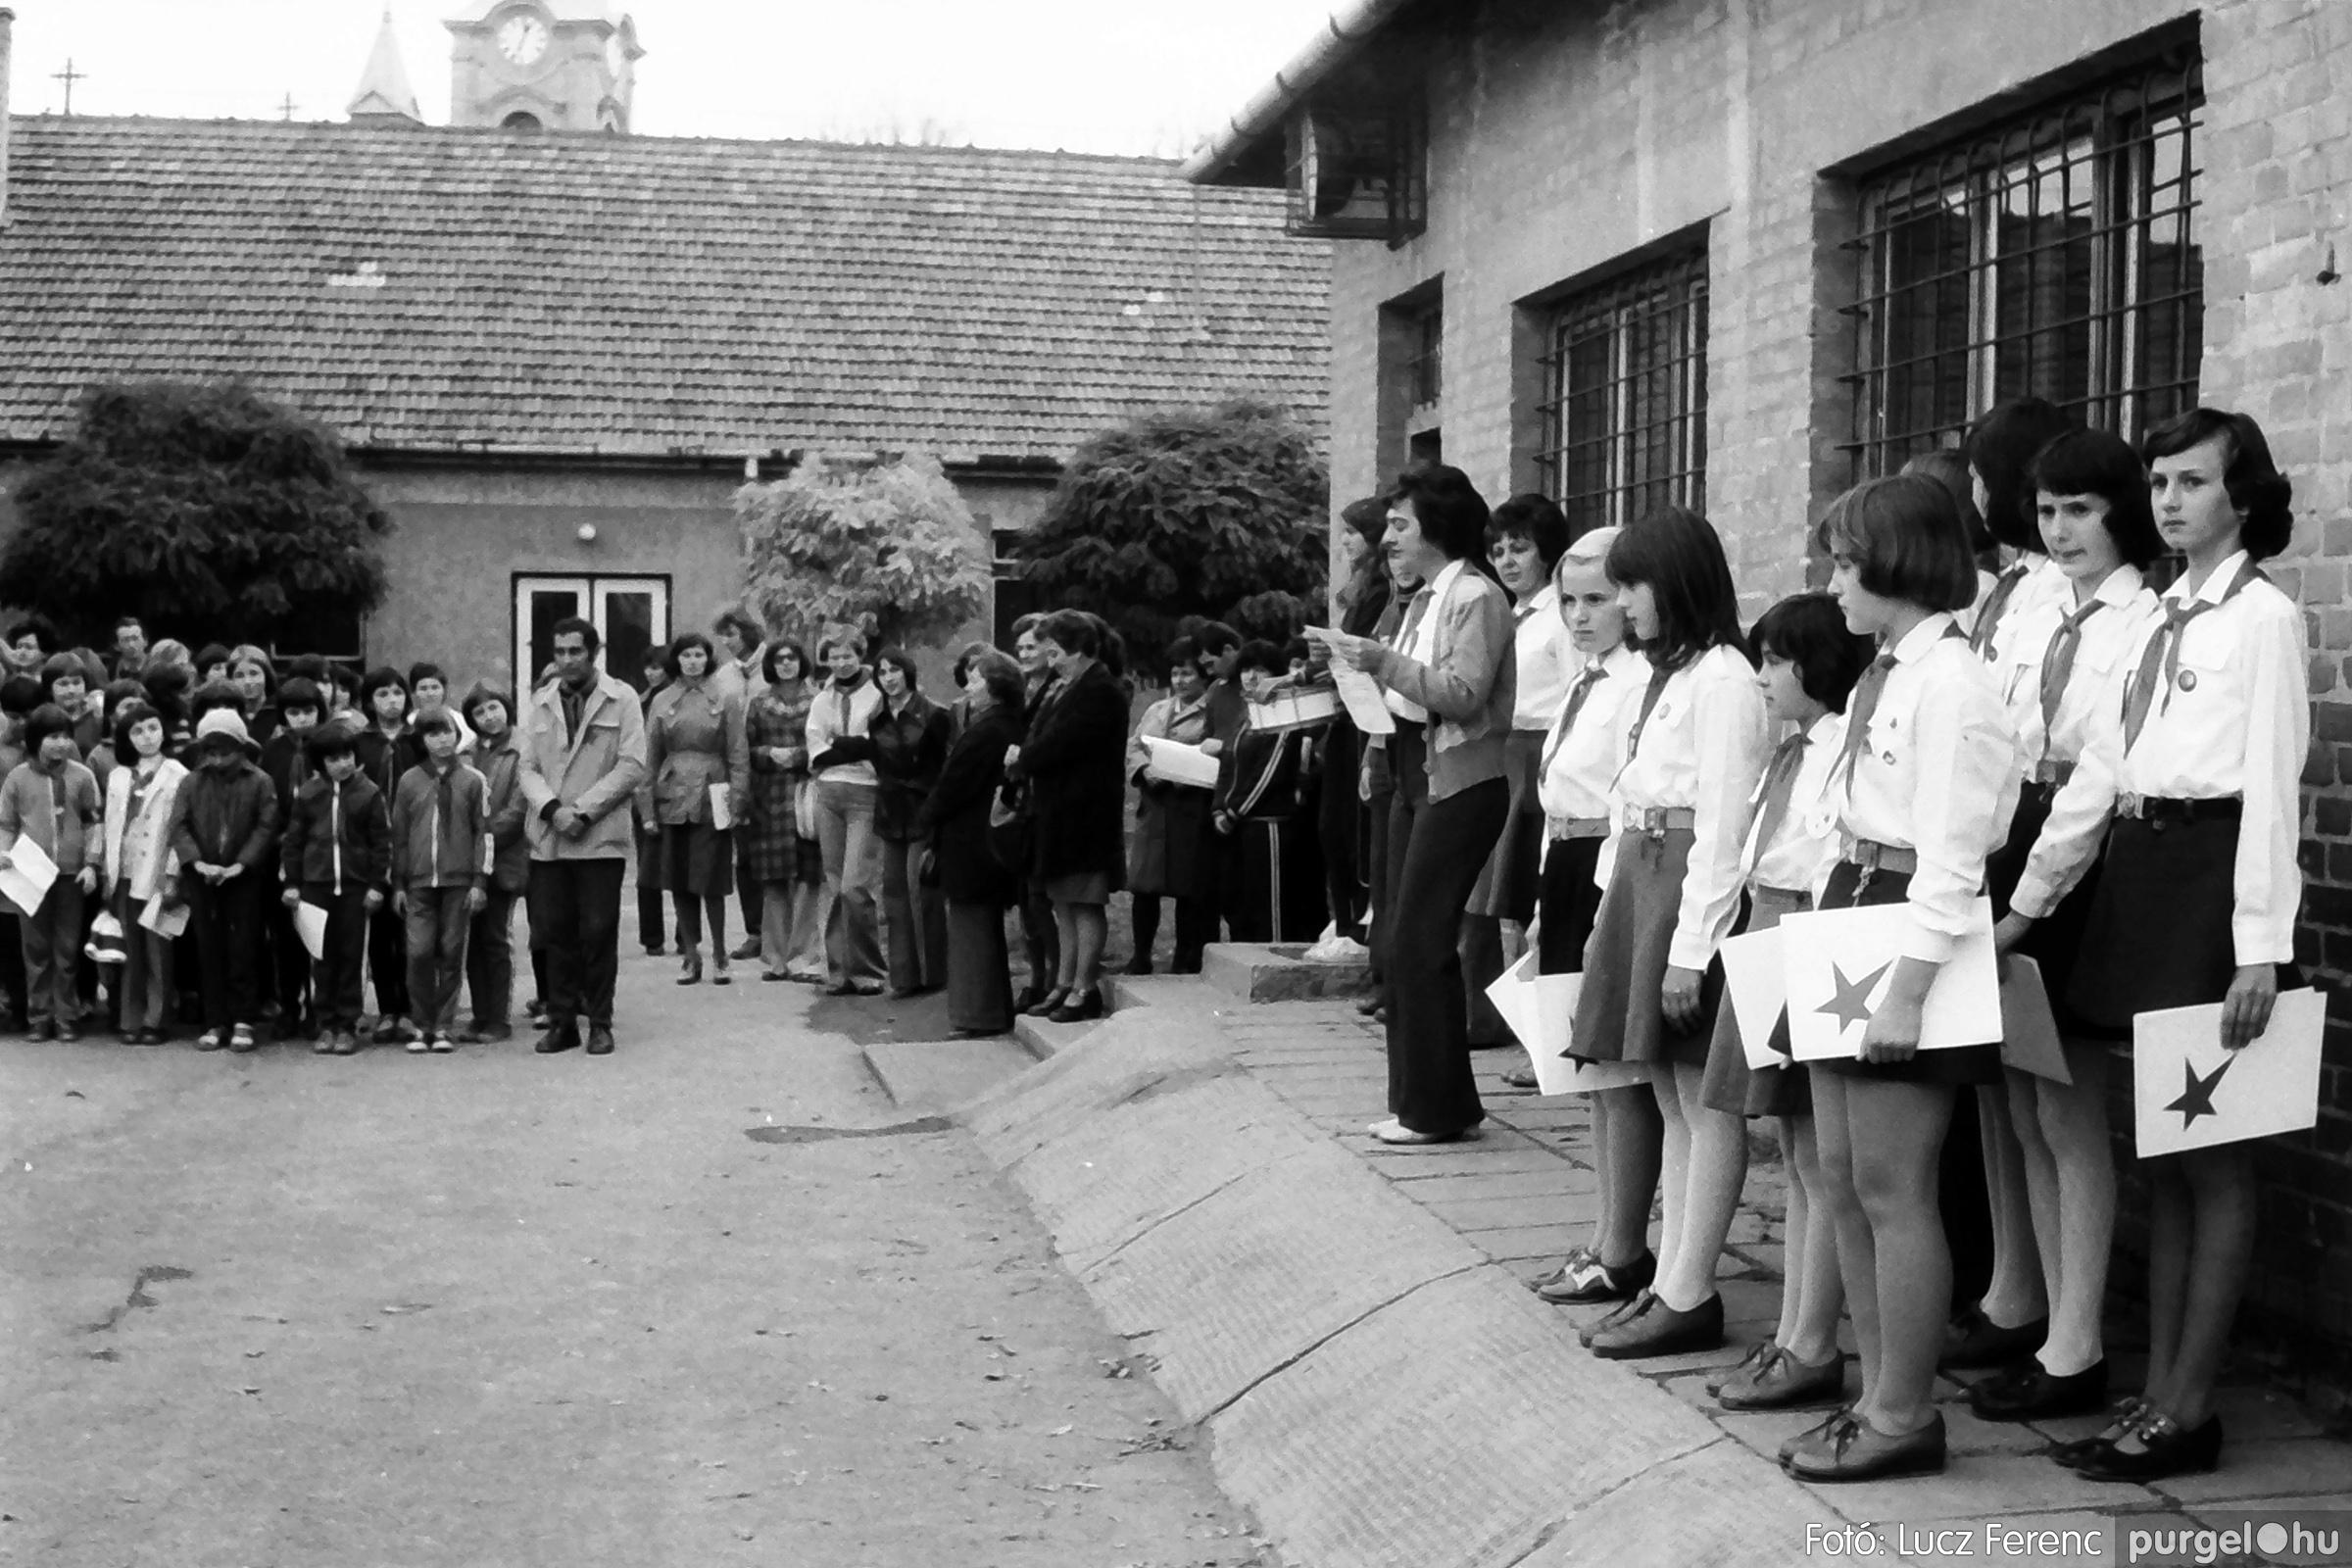 092. 1977. Úttörő rendezvény a Központi Általános Iskolában 031. - Fotó: Lucz Ferenc.jpg